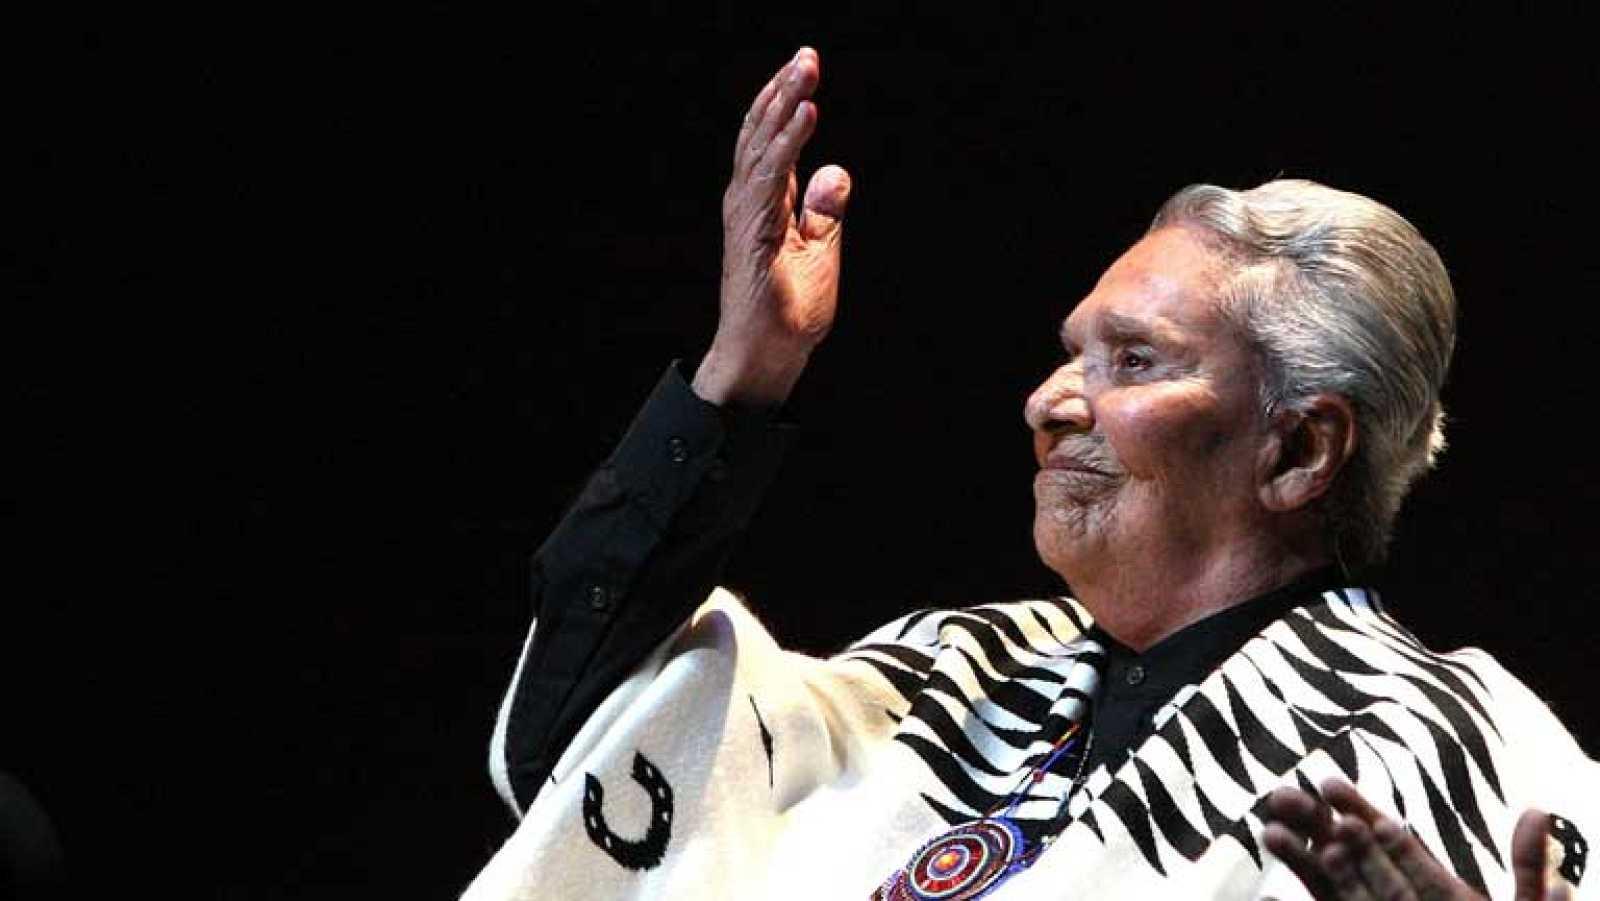 Muere Chavela Vargas a los 93 años en México - RTVE.es